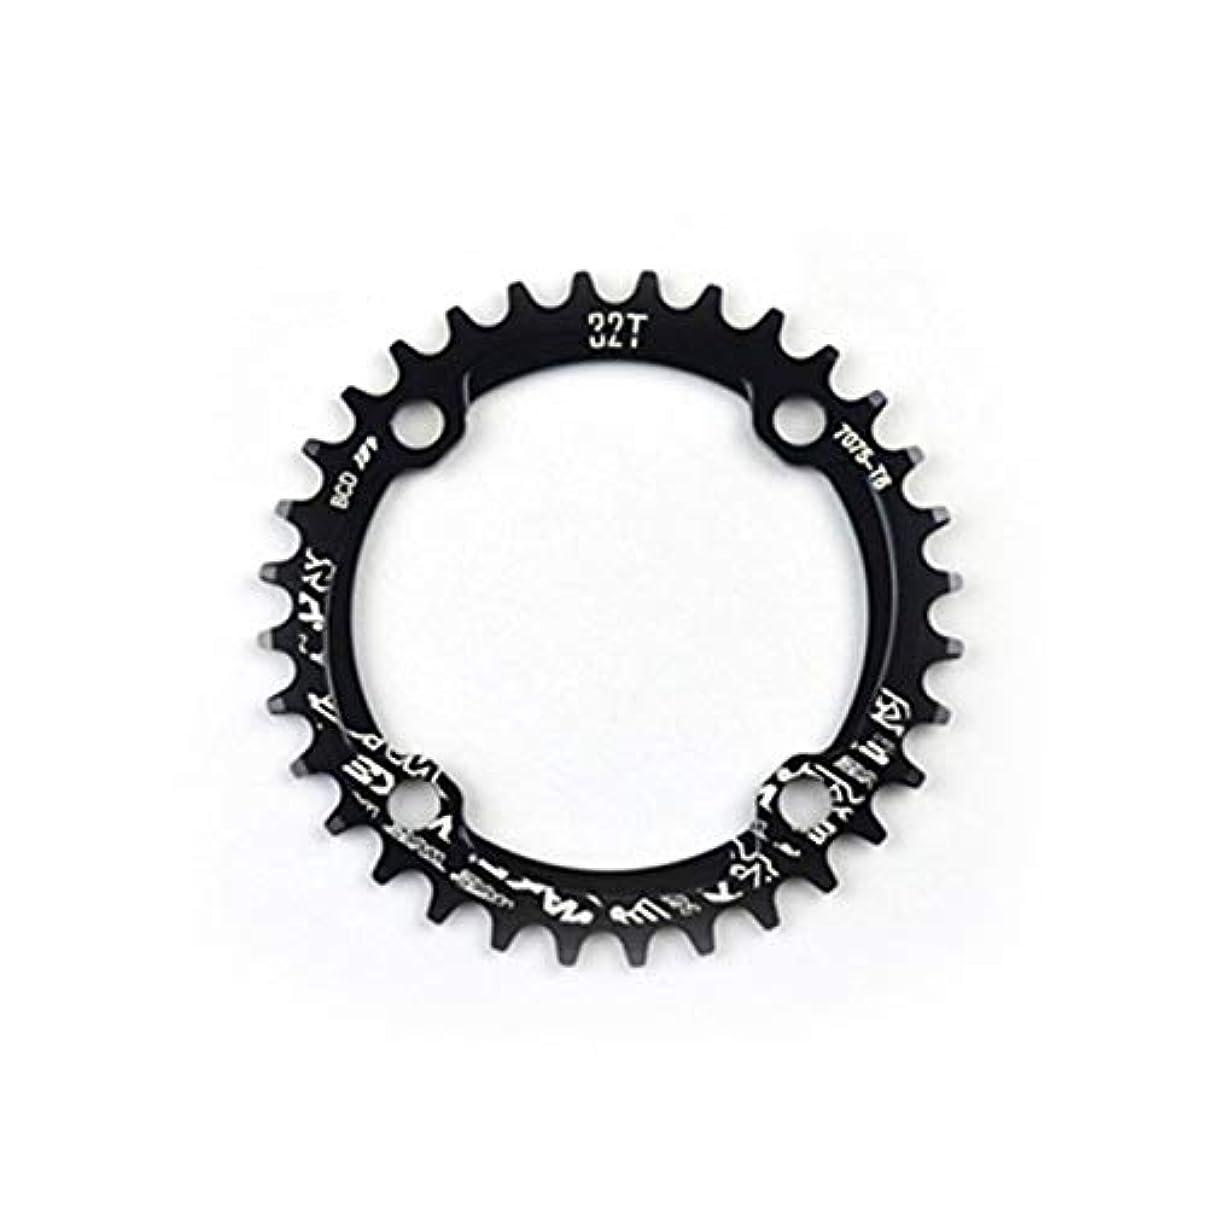 作曲家出力病気DeeploveUU MTB自転車ナローワイドラウンドチェーンホイールチェーンリング104mm BCDクランク32T 34T 36T 38T CNCアルミ合金サイクリングアクセサリー